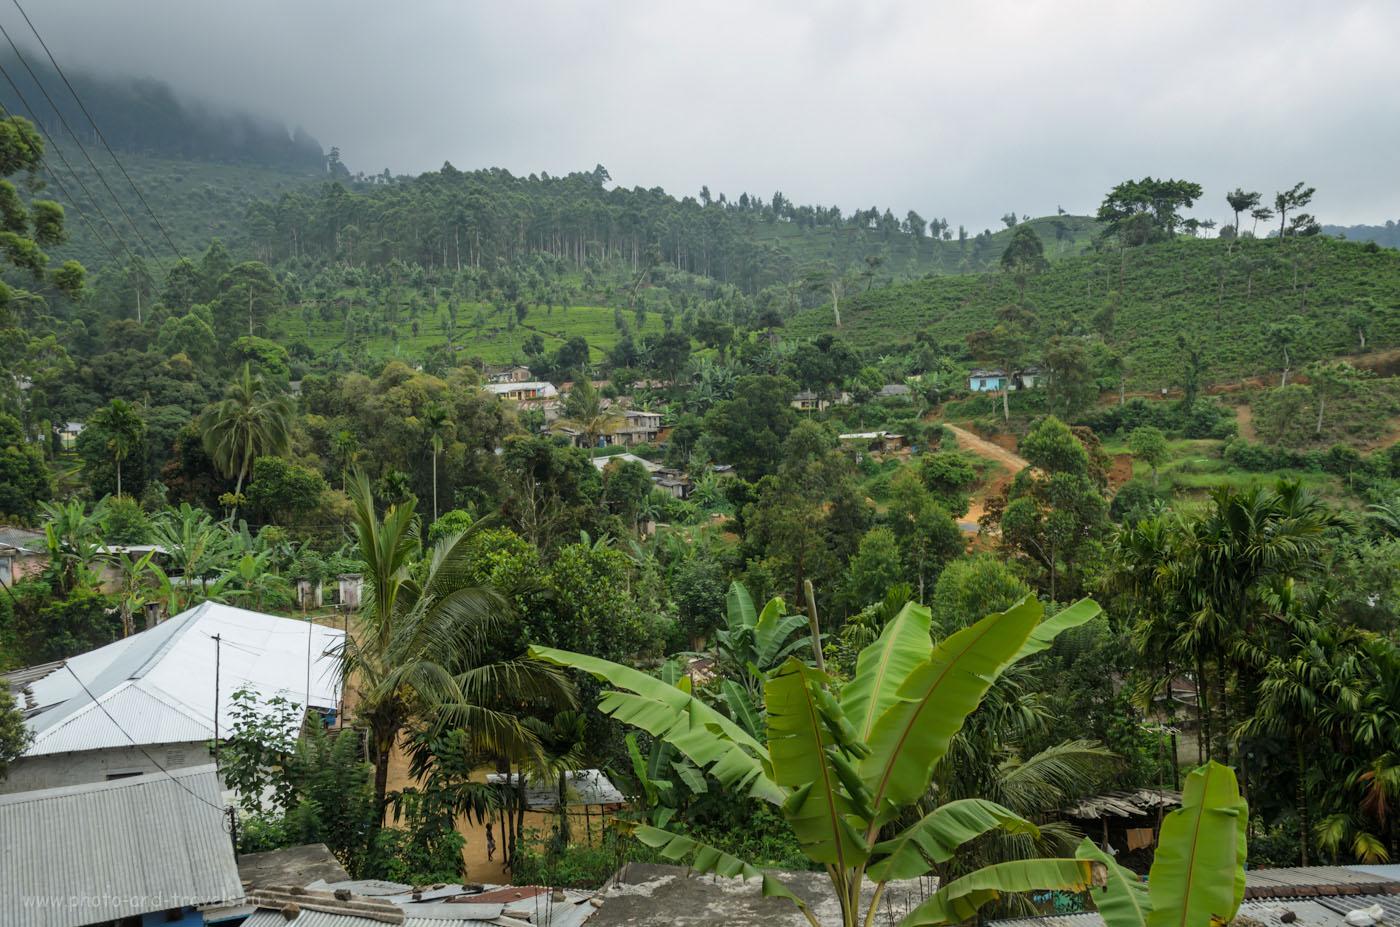 Фотография 6. Как мы добирались на Пик Адама через неизвестную дорогу, пересекающую заповедник Хортон Плейнс на Шри-Ланке. Отчет о самостоятельном отдыхе.